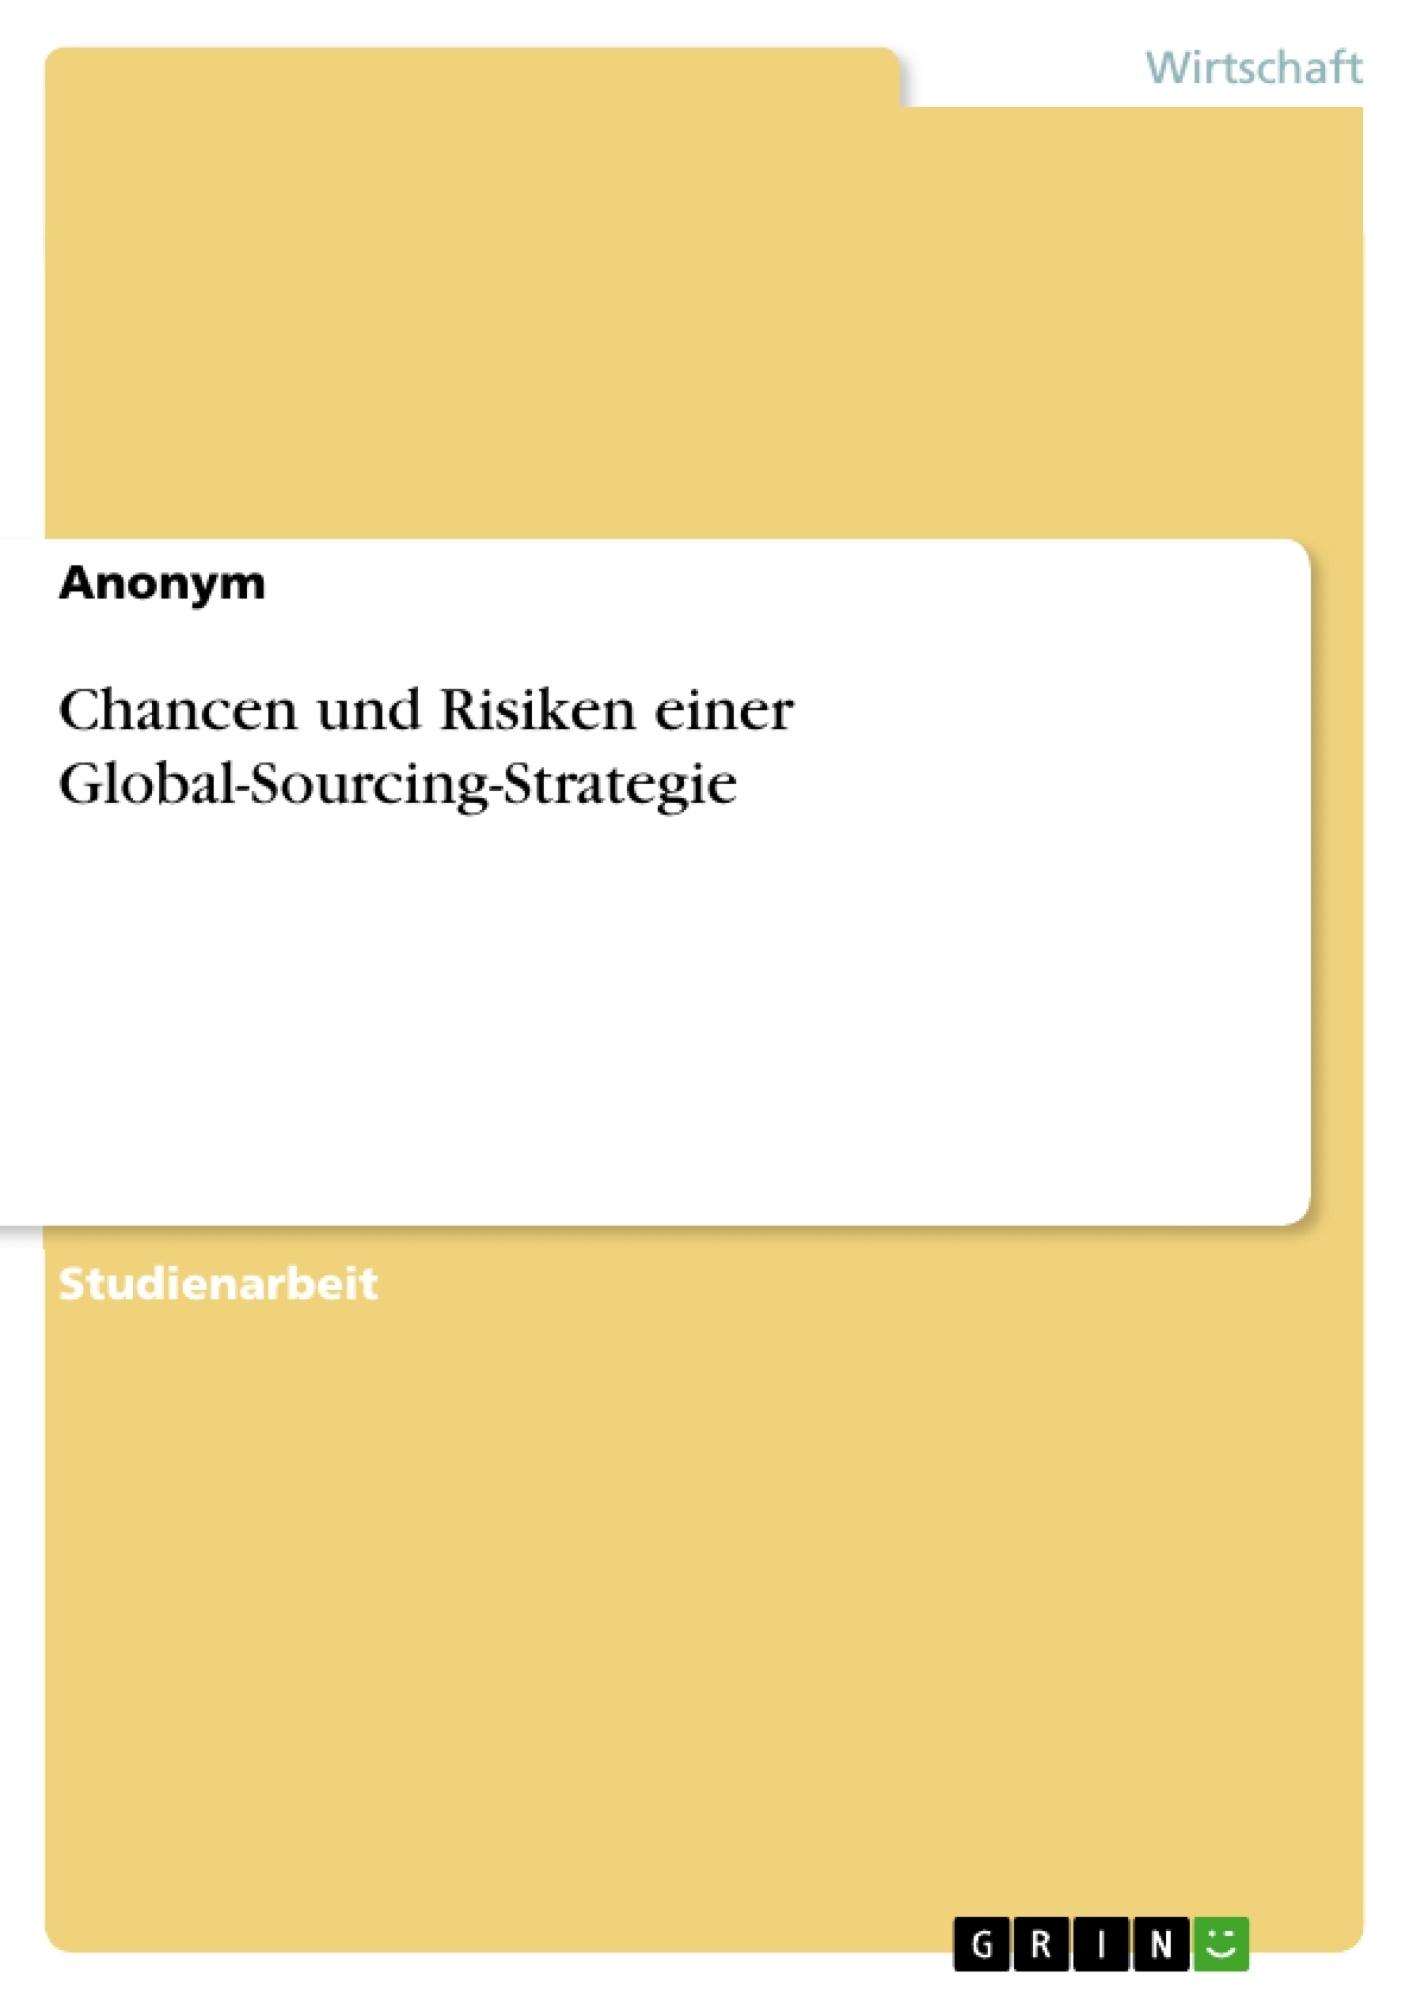 Titel: Chancen und Risiken einer Global-Sourcing-Strategie